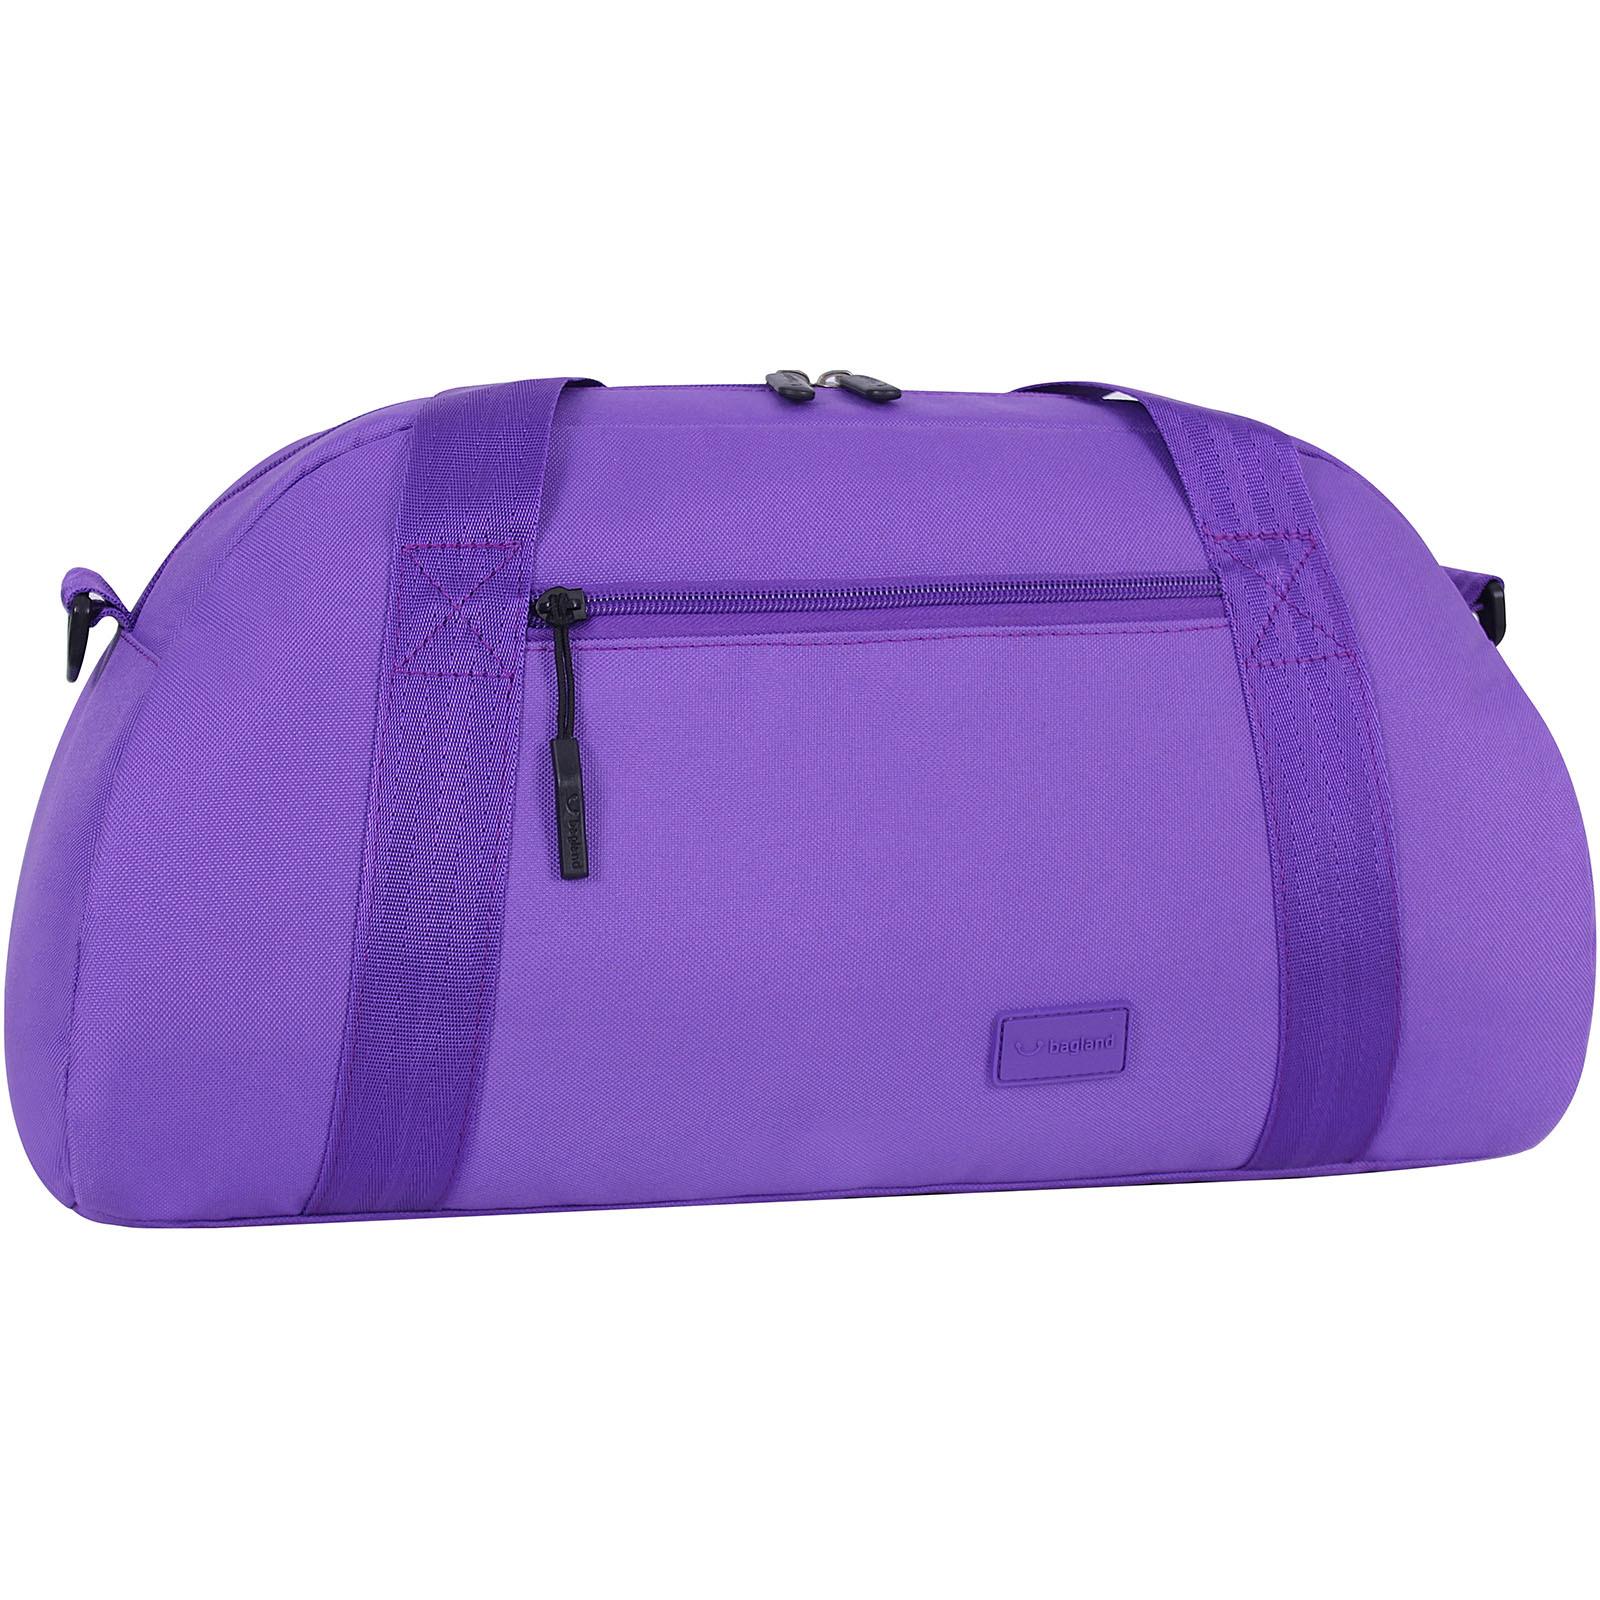 Спортивные сумки Сумка Bagland Oblivion 27 л. 170 Фиолетовый (0037366) IMG_7048.JPG